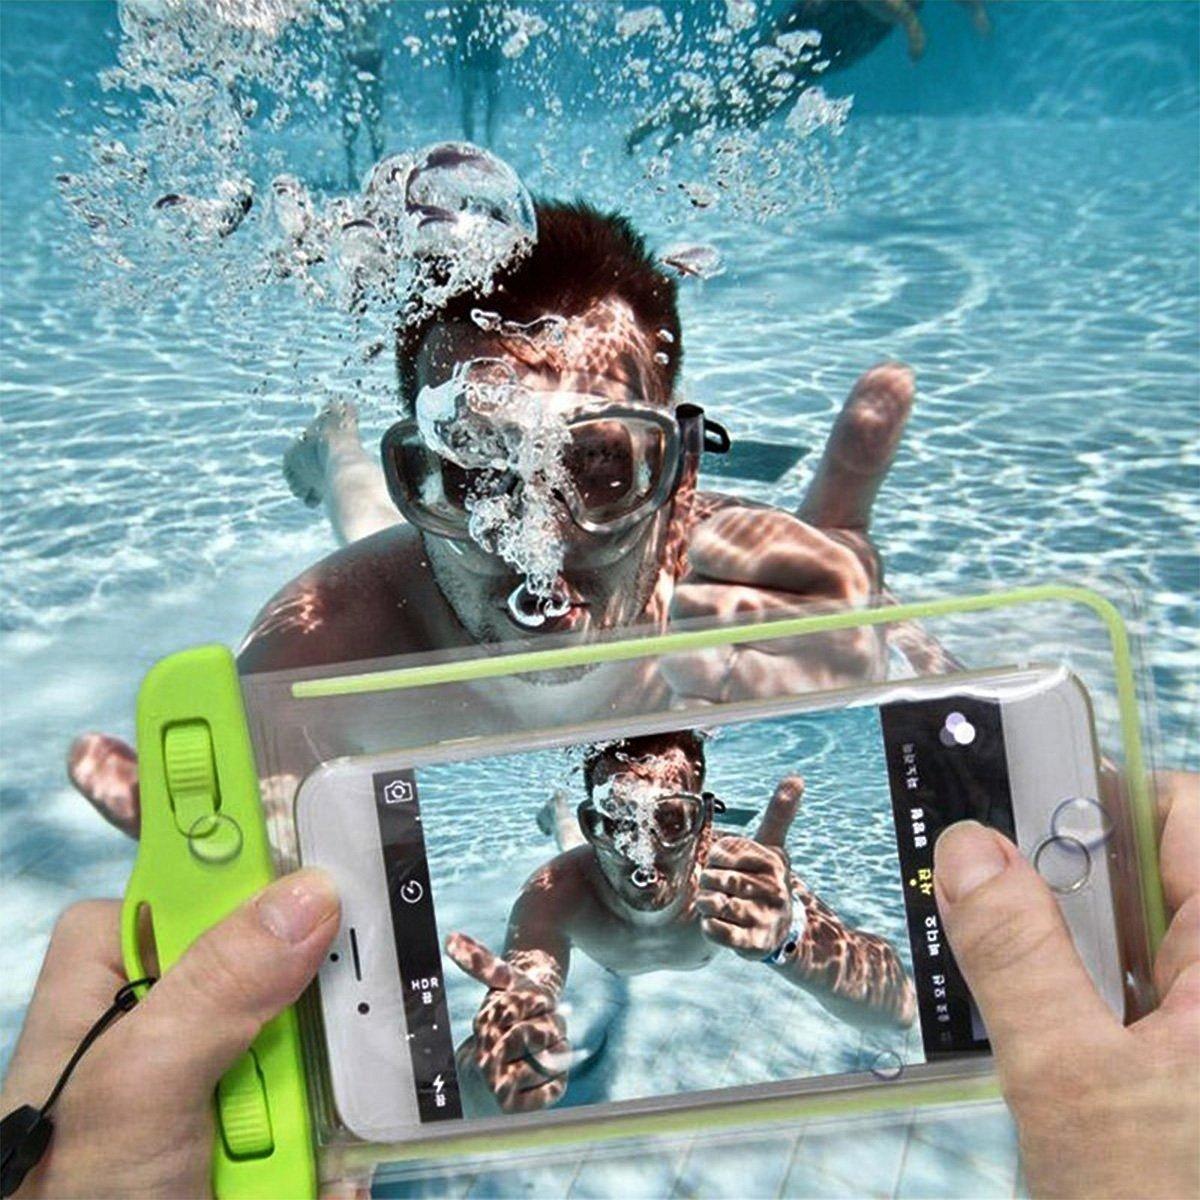 как делать фото под водой с телефона перво-князя даже создали